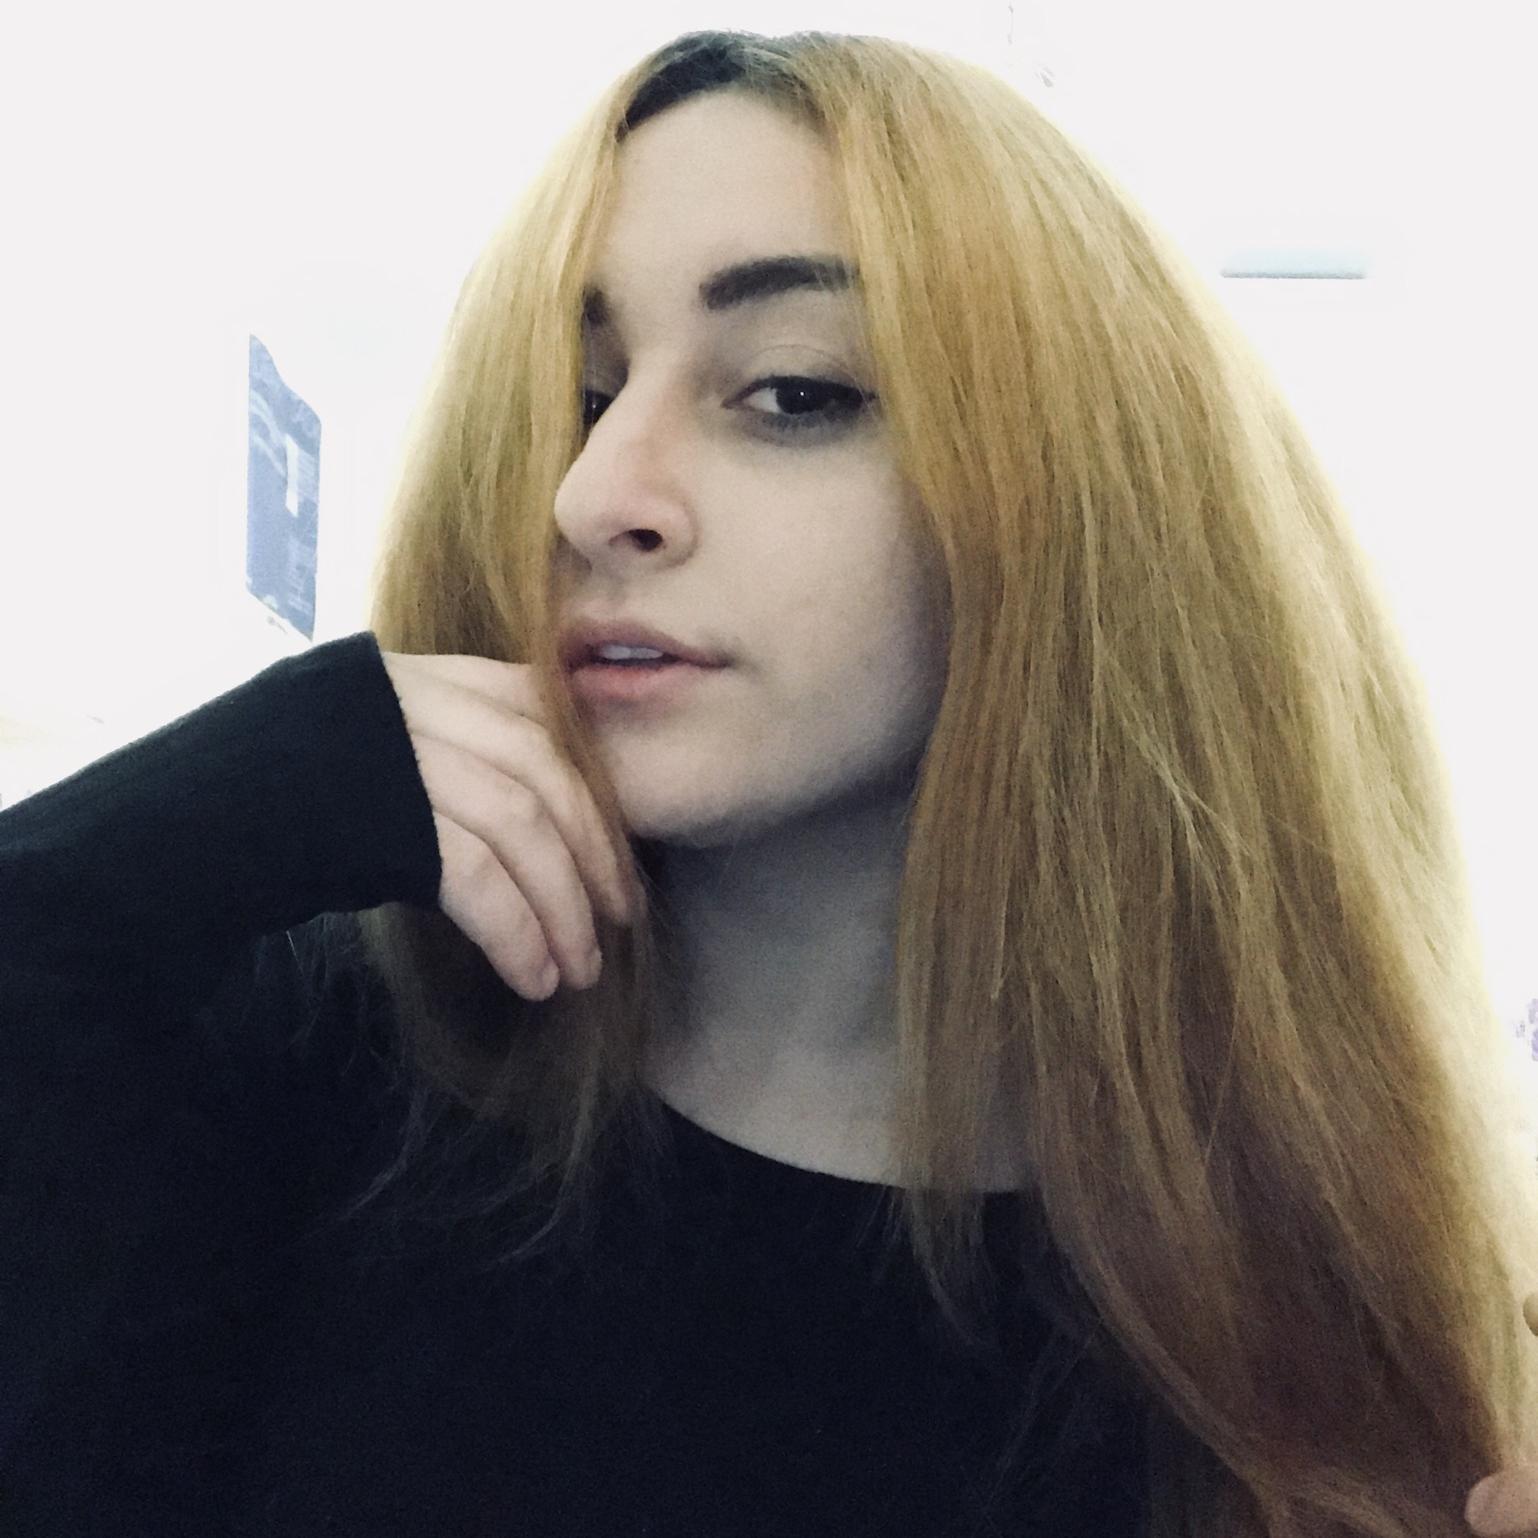 GiorgiaSbrollini